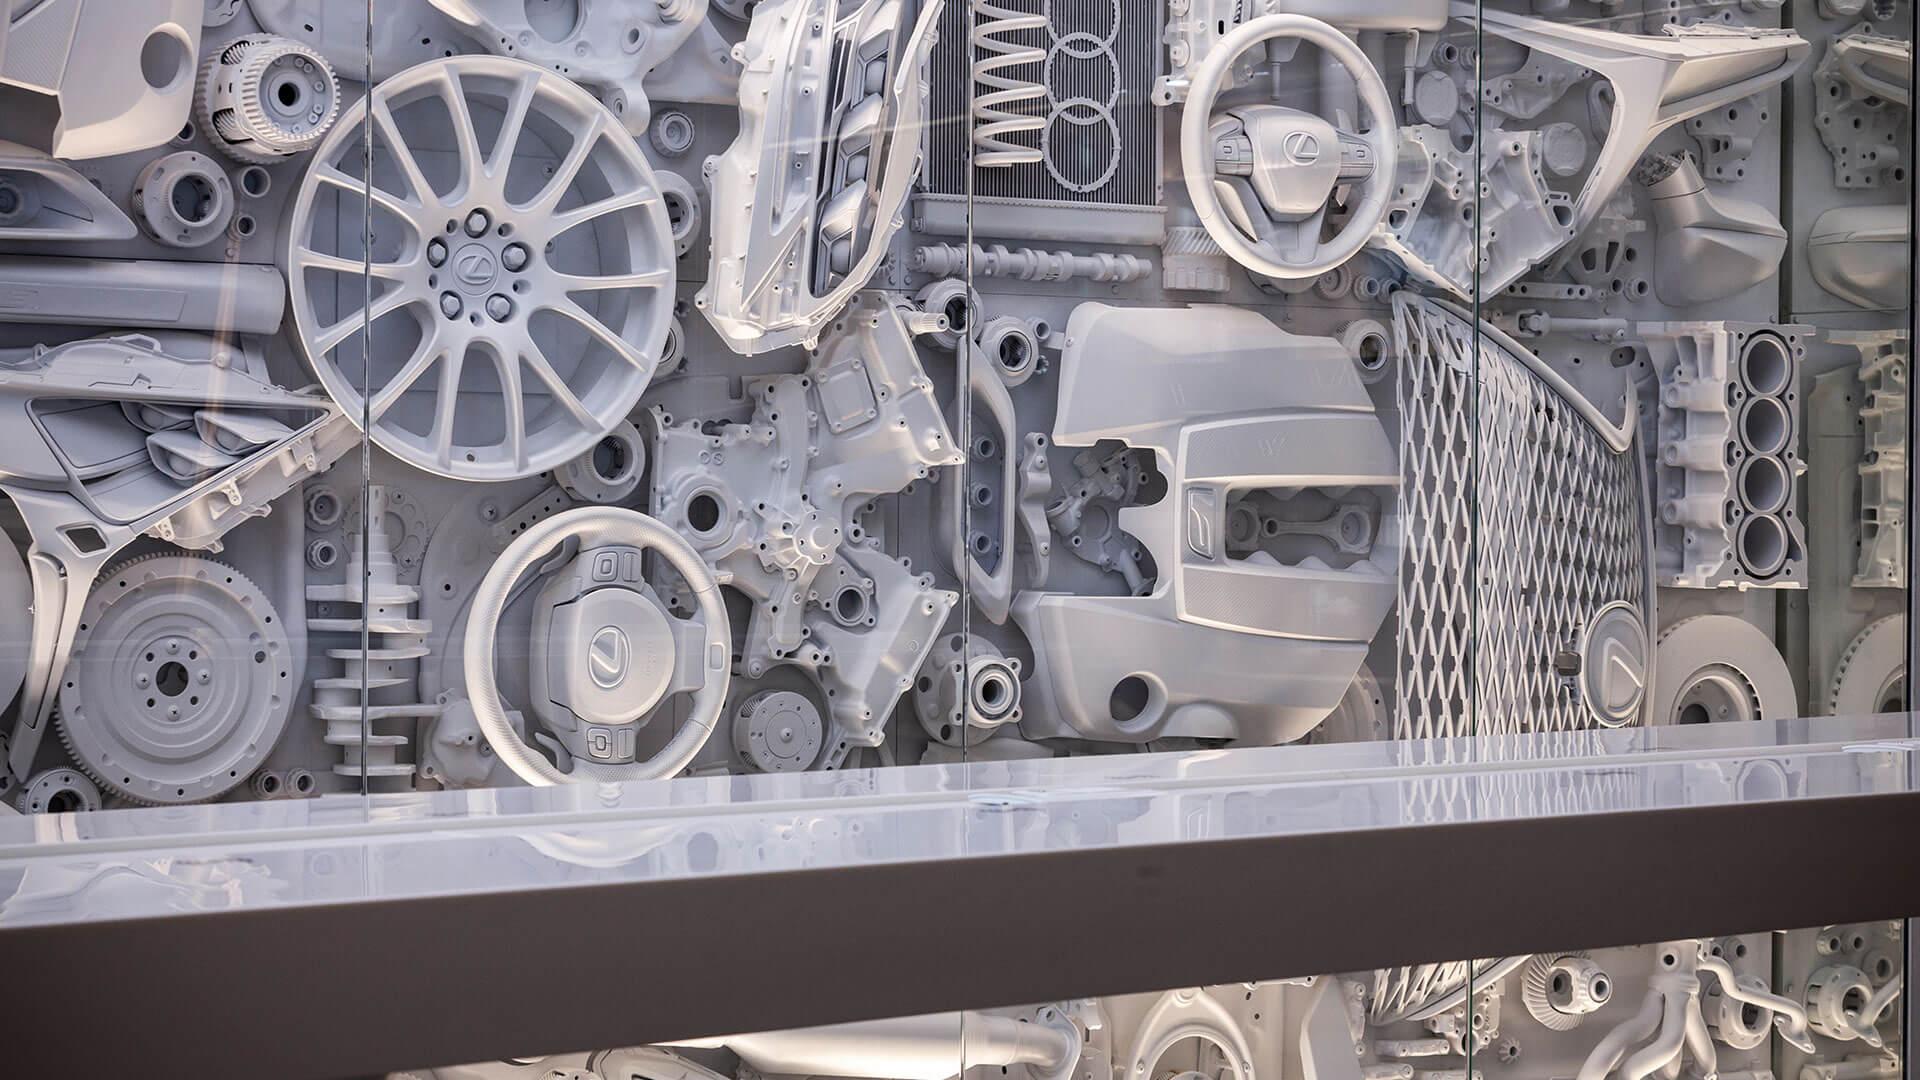 parts wall hotspot